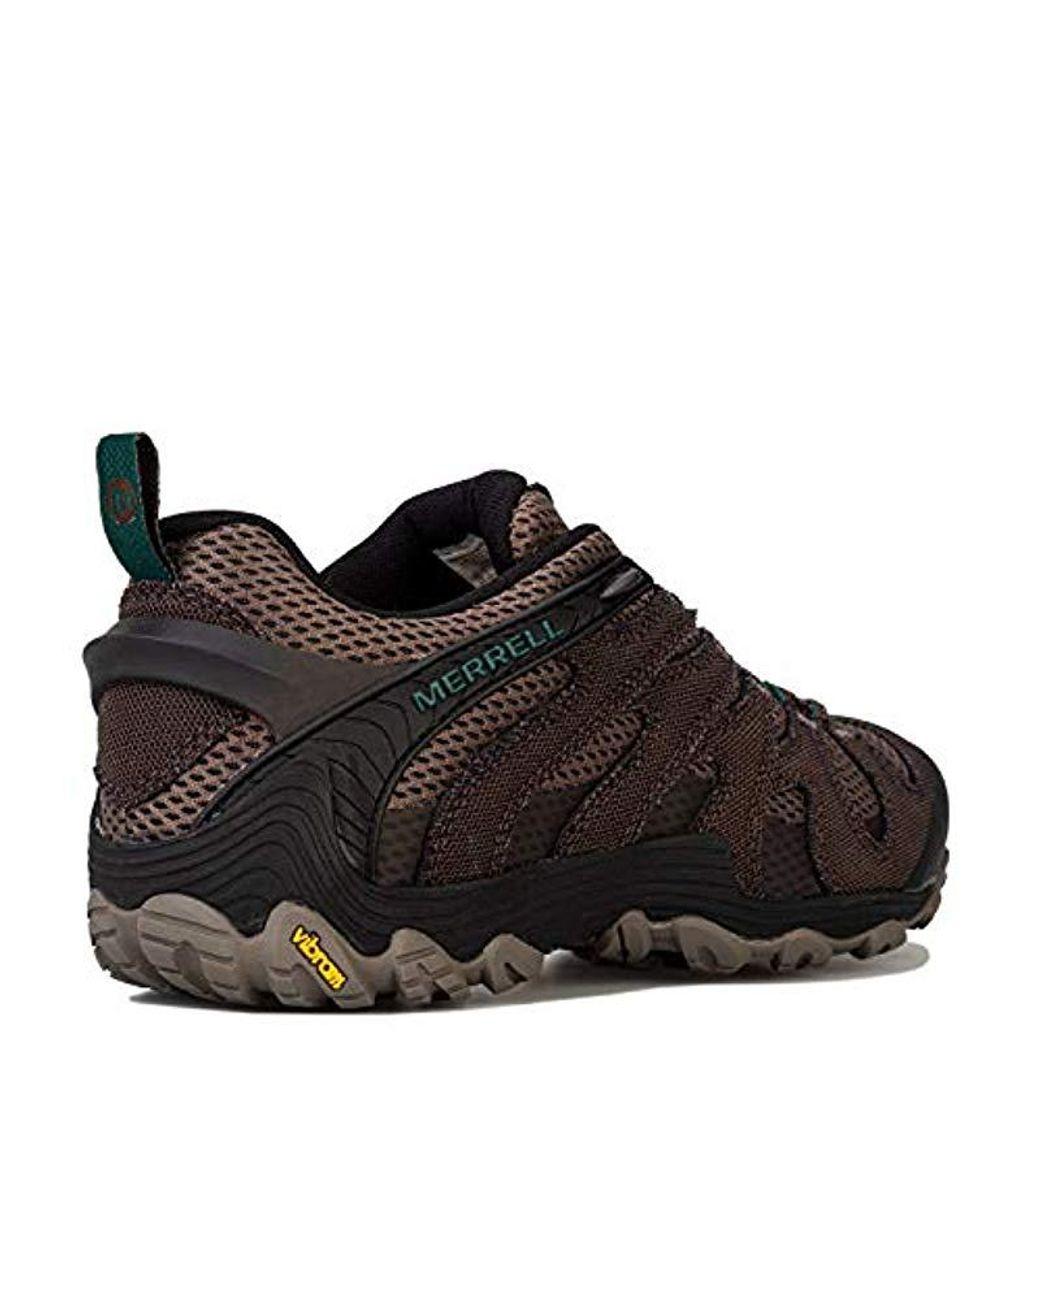 Merrell Mens Chameleon 7 Lightweight Breathable Mesh Hiking Shoes